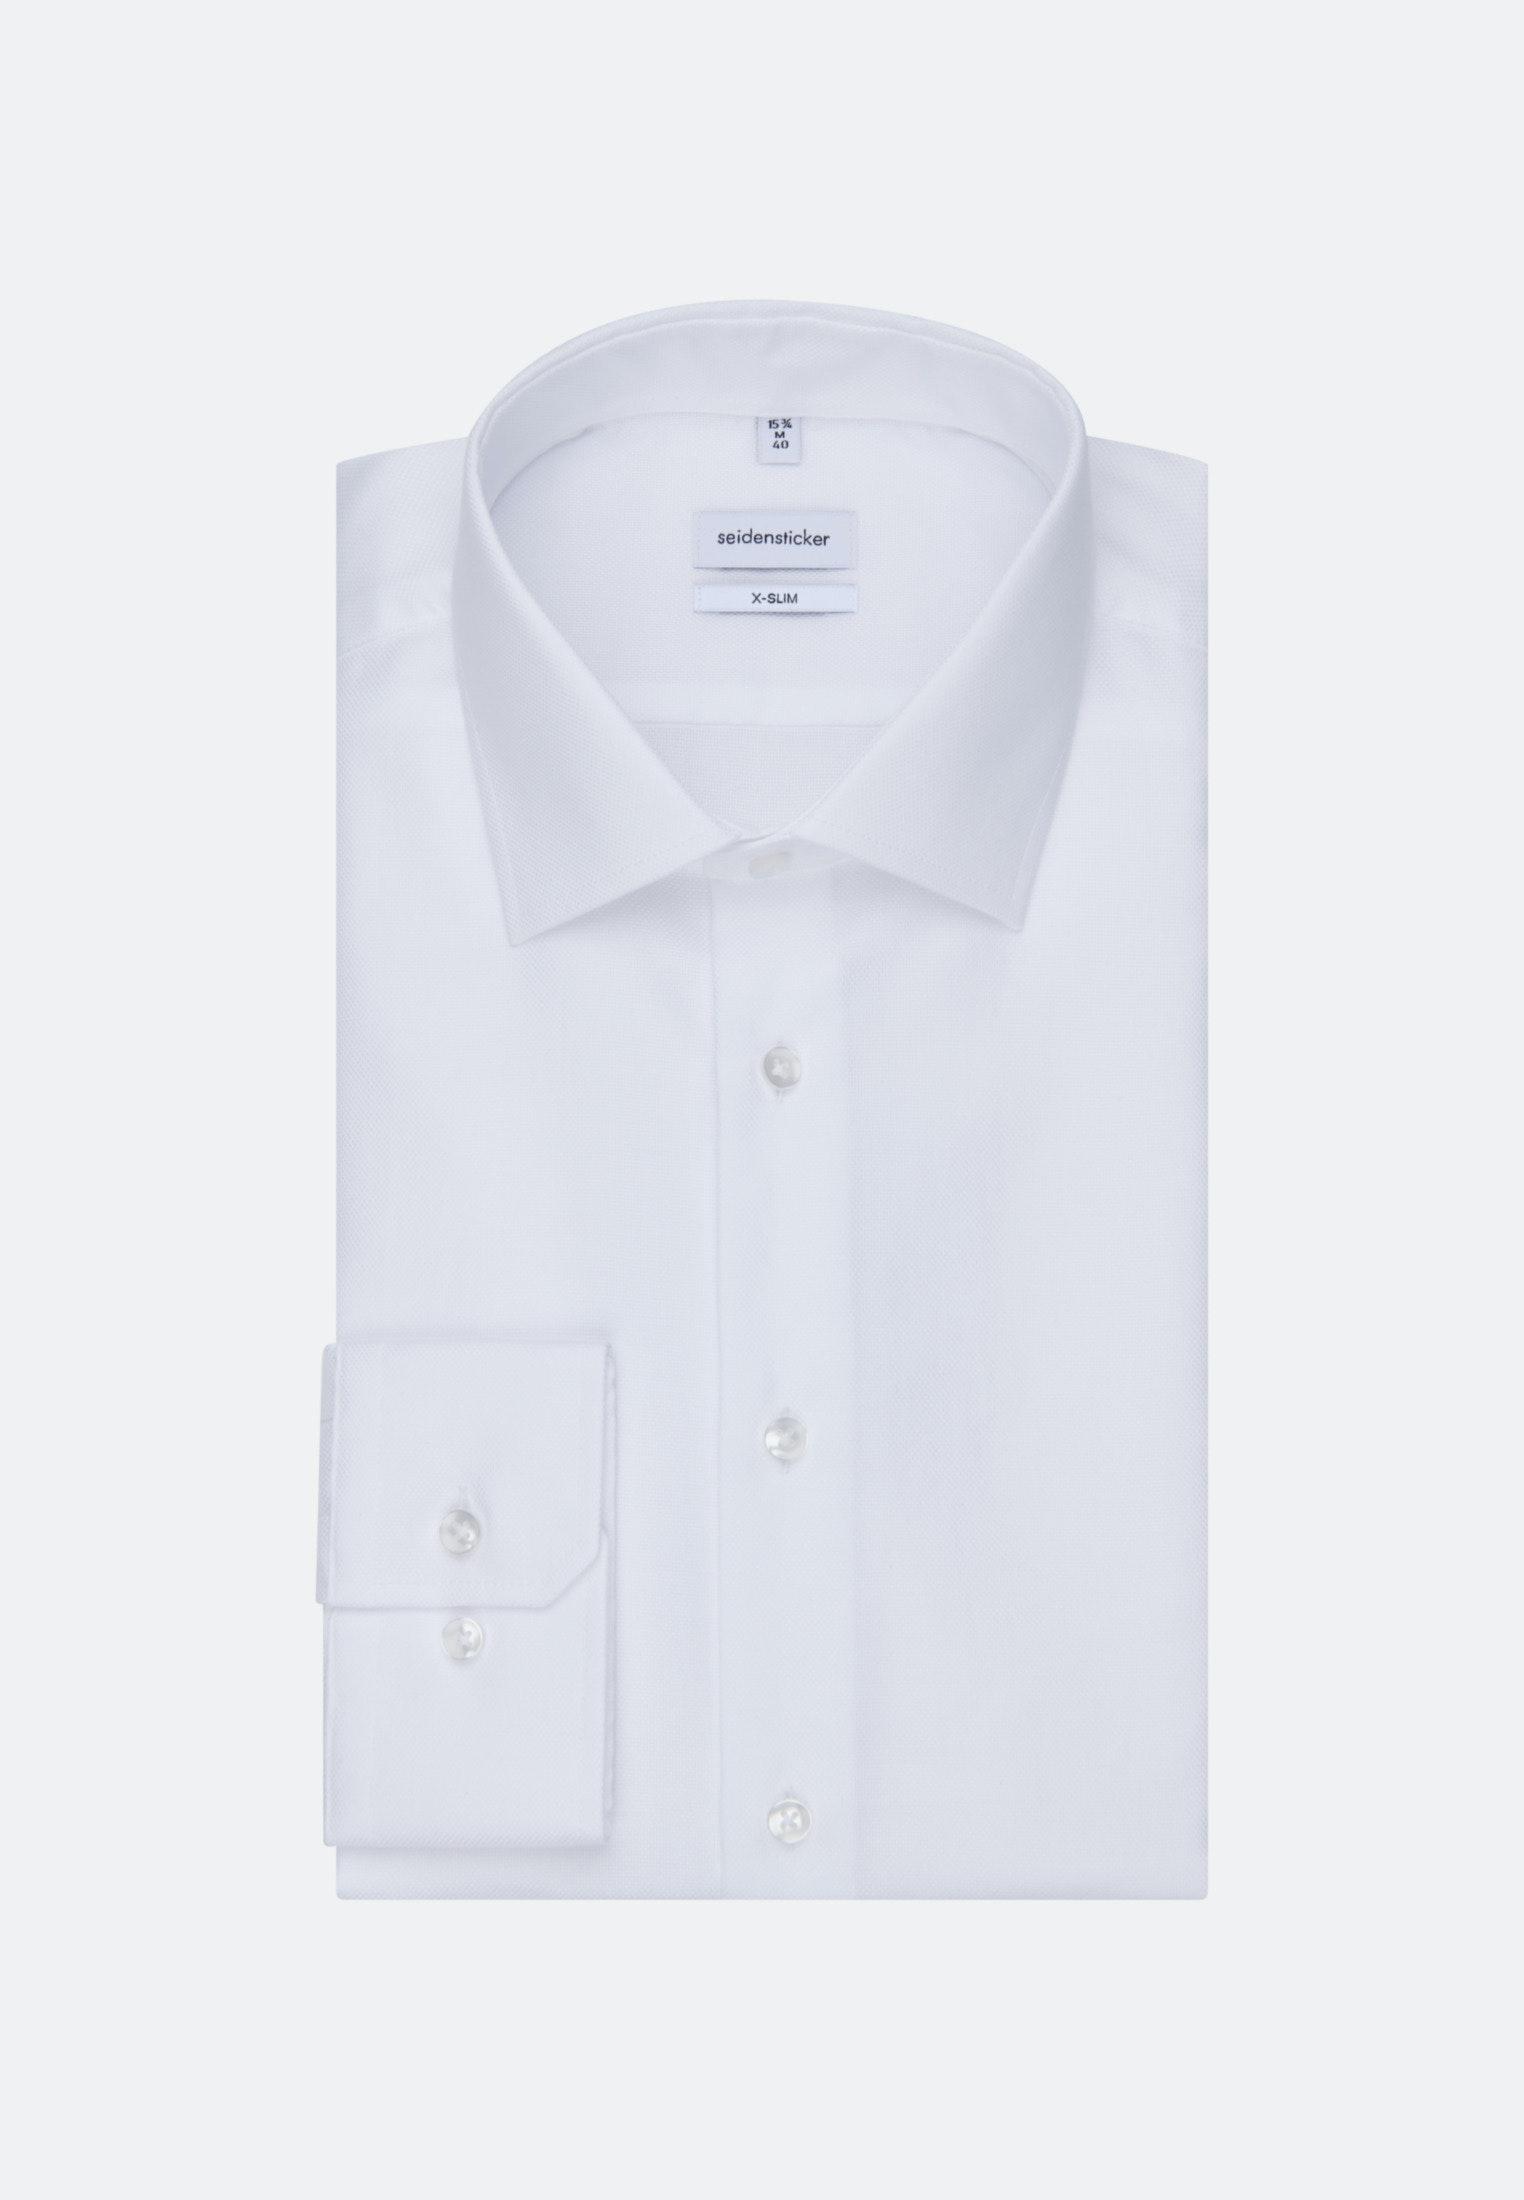 Artikel klicken und genauer betrachten! - Dieses X-Slim Herren-Hemd von Seidensticker kommt mit zeitlosem Business Kent-Kragen und extra langem Arm. Der besonders schmale, körpernahe Schnitt betont die Silhouette. Die unifarbene Struktur-Baumwolle verleiht besten Tragekomfort und eine griffige Haptik. Der bügelfreie Stoff wurde in einem aufwendigen Verfahren so behandelt, dass er sich nach dem Waschen wieder in Form zieht.   im Online Shop kaufen